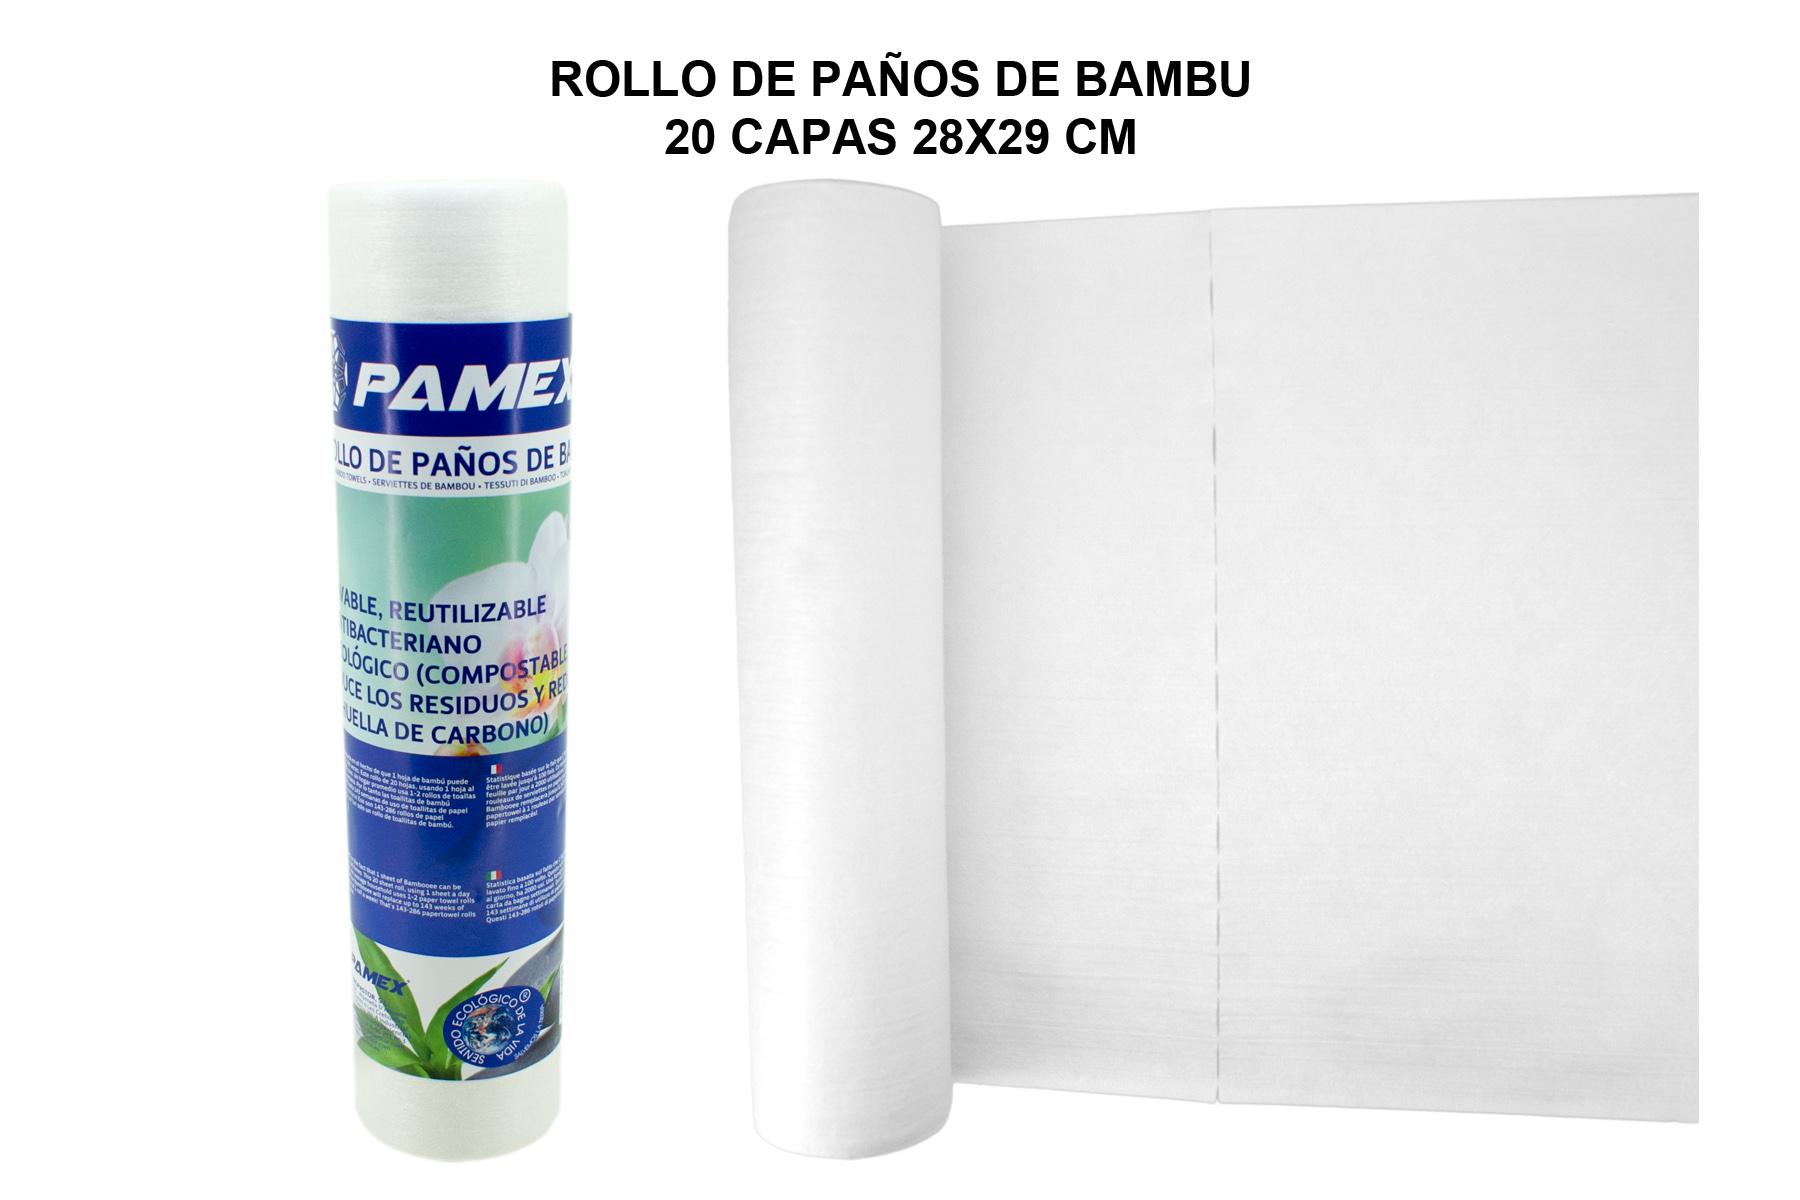 ROLLO DE PAÑOS DE BAMBU 20 CAPAS 28X29 CM